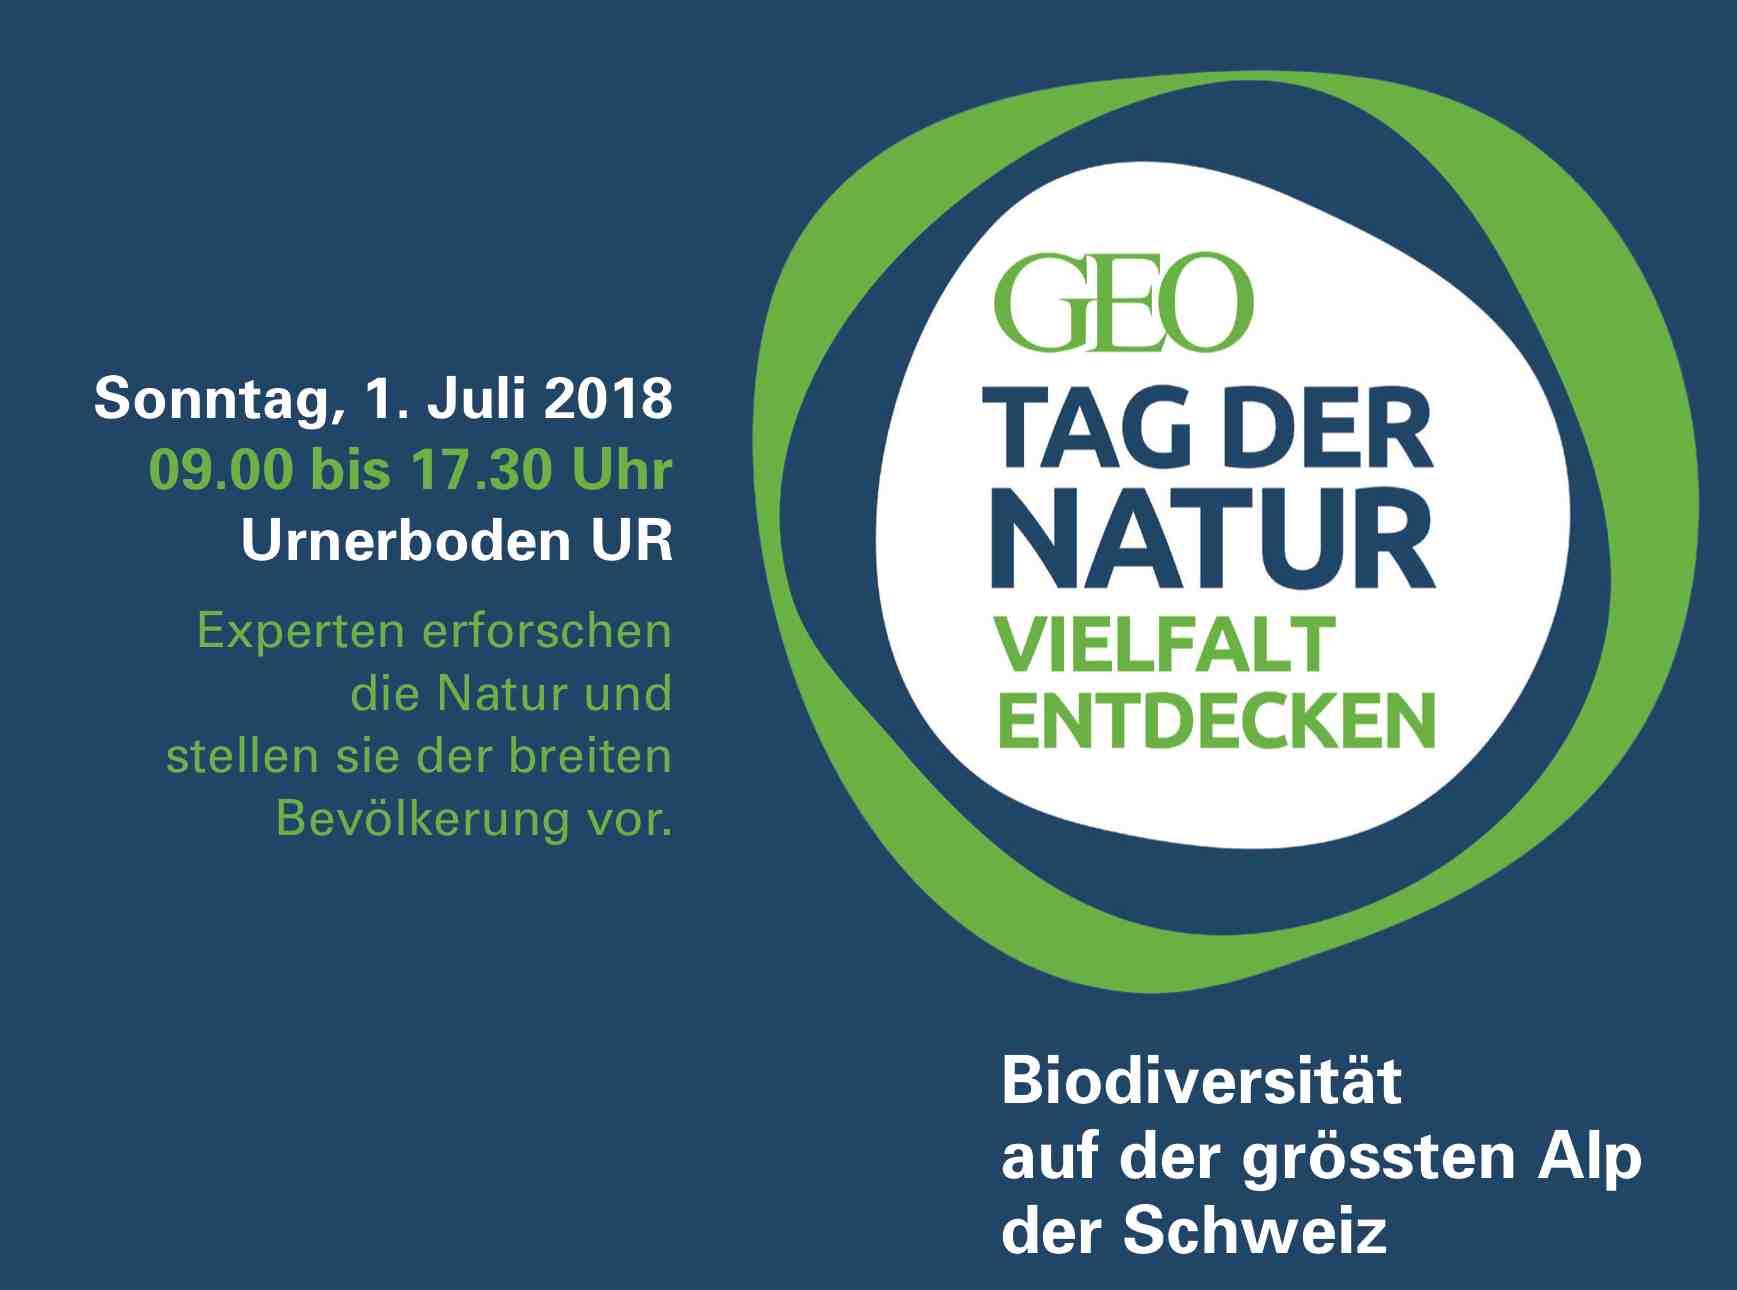 GEO-Tag der Natur auf dem Urnerboden, 1. Juli 2018